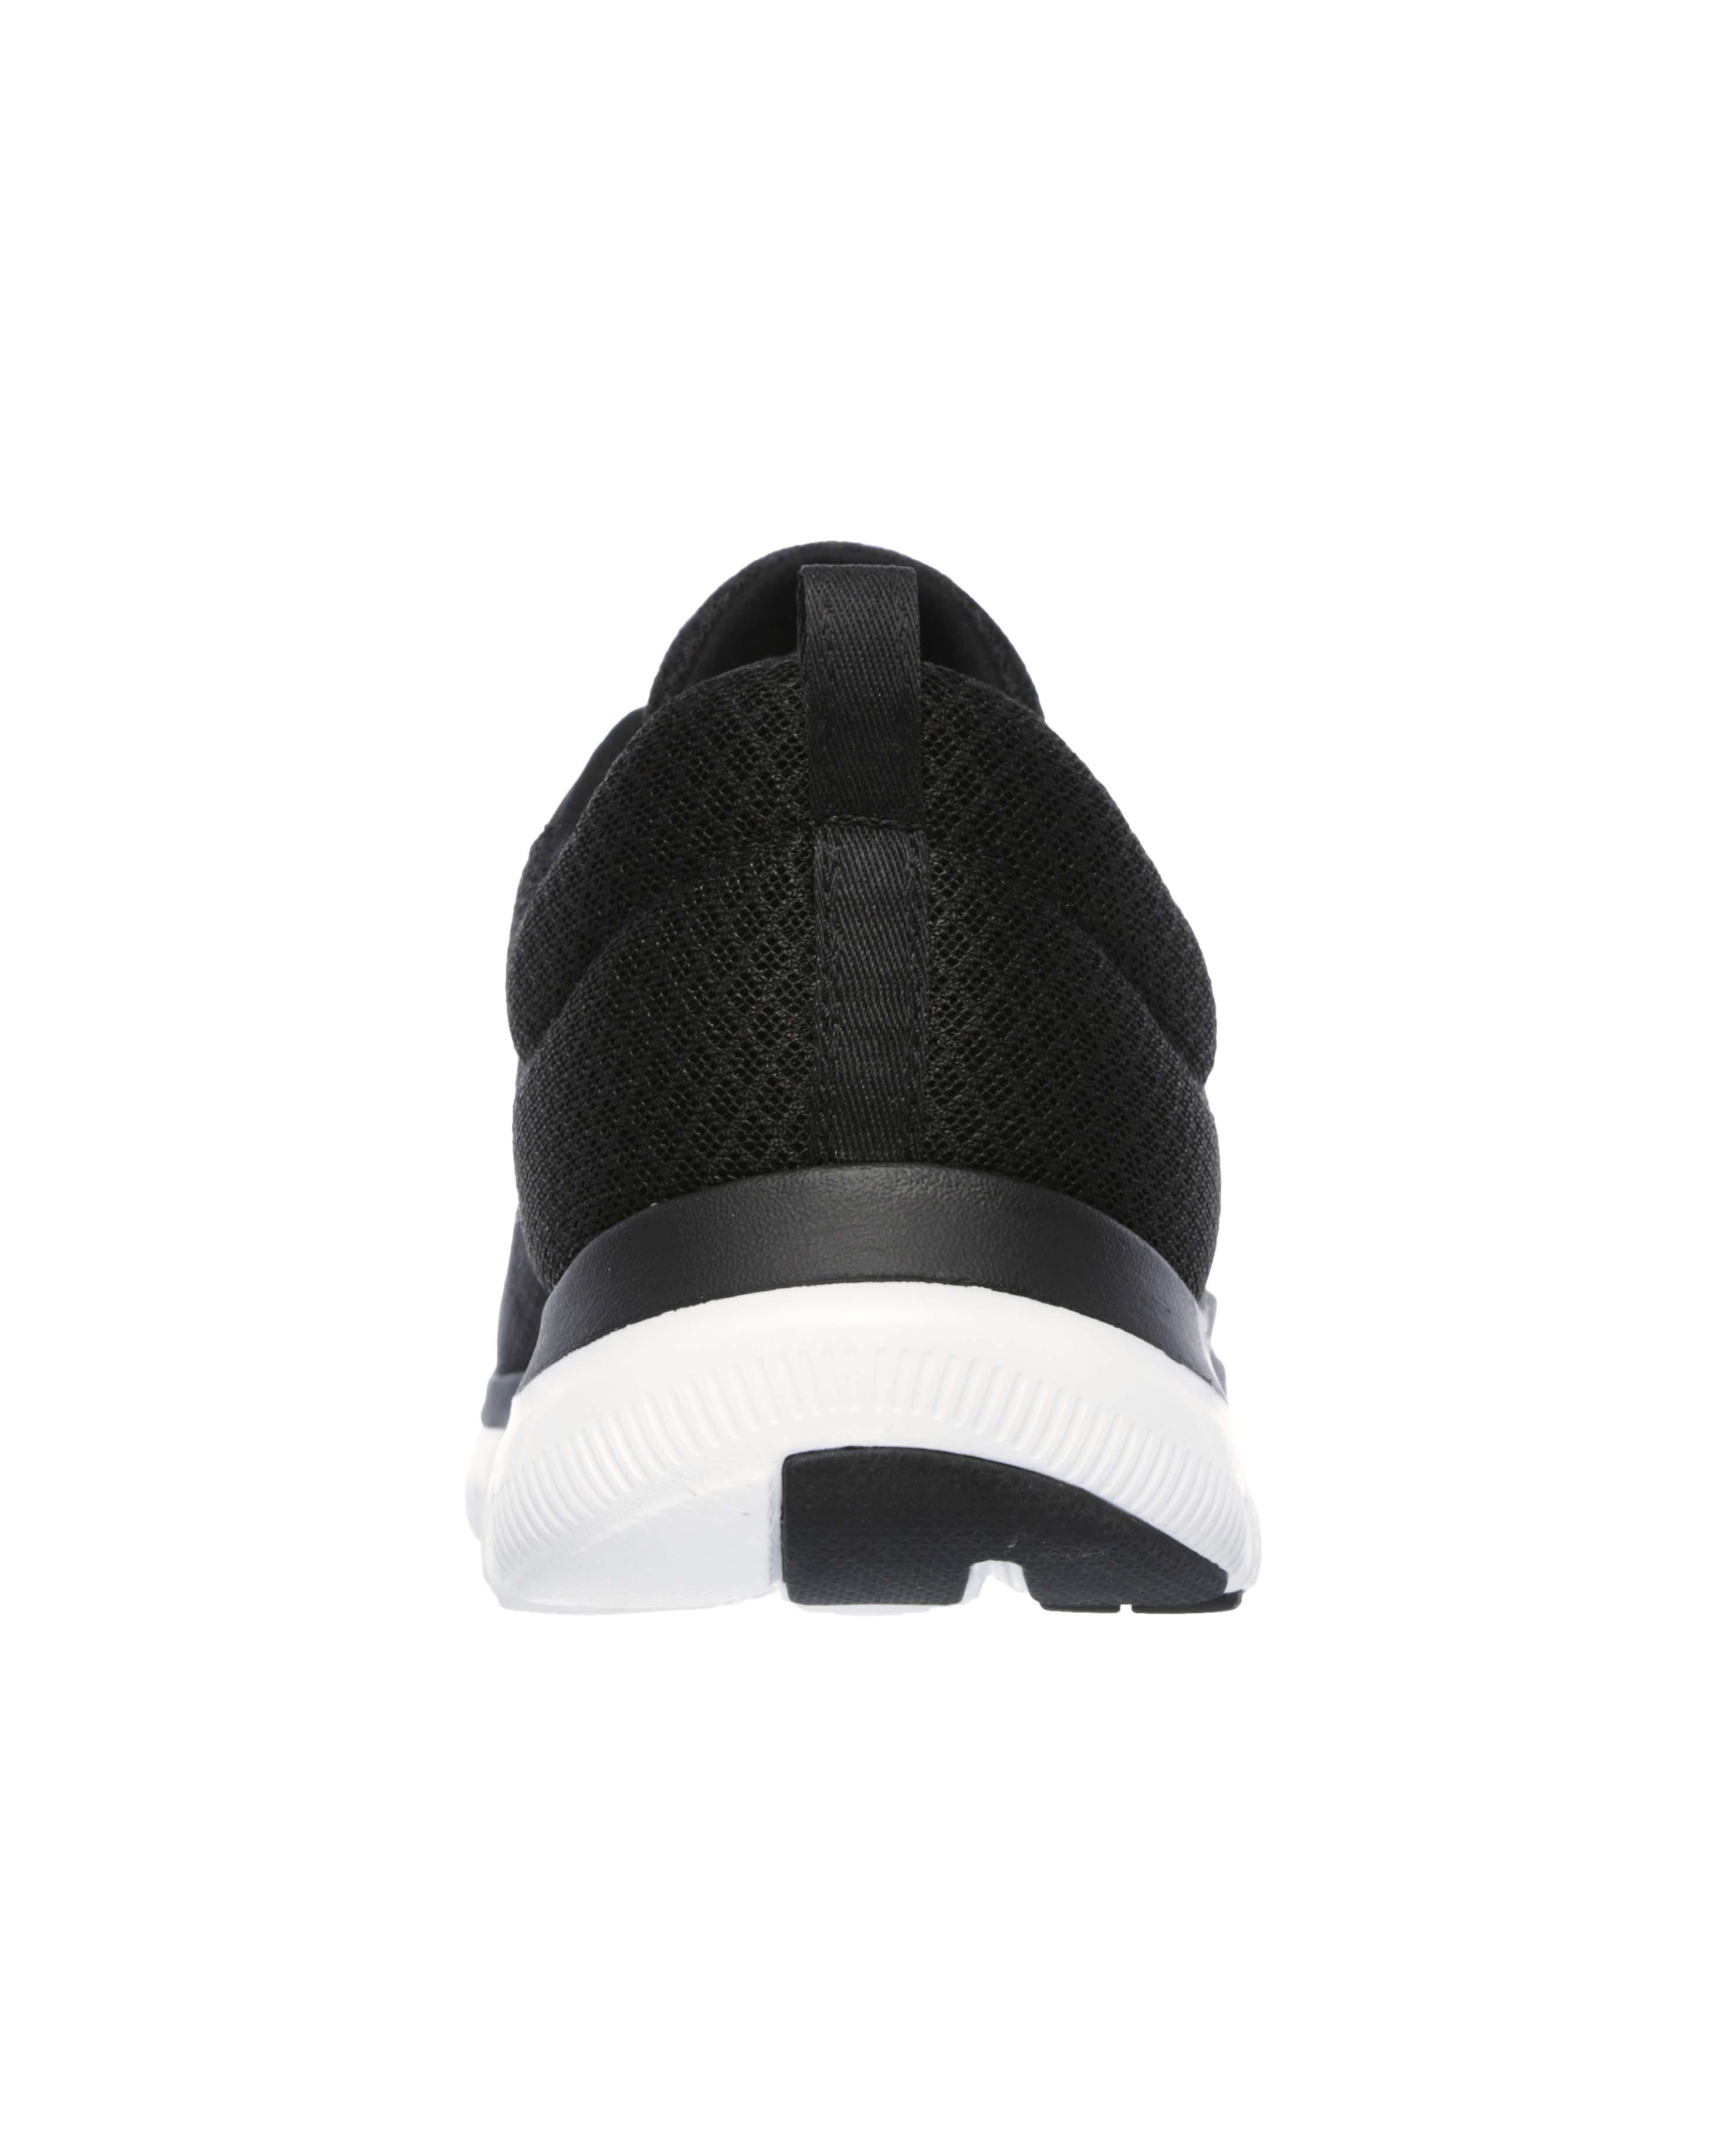 Skechers Mens Flex Advantage 2.0 - Black/White